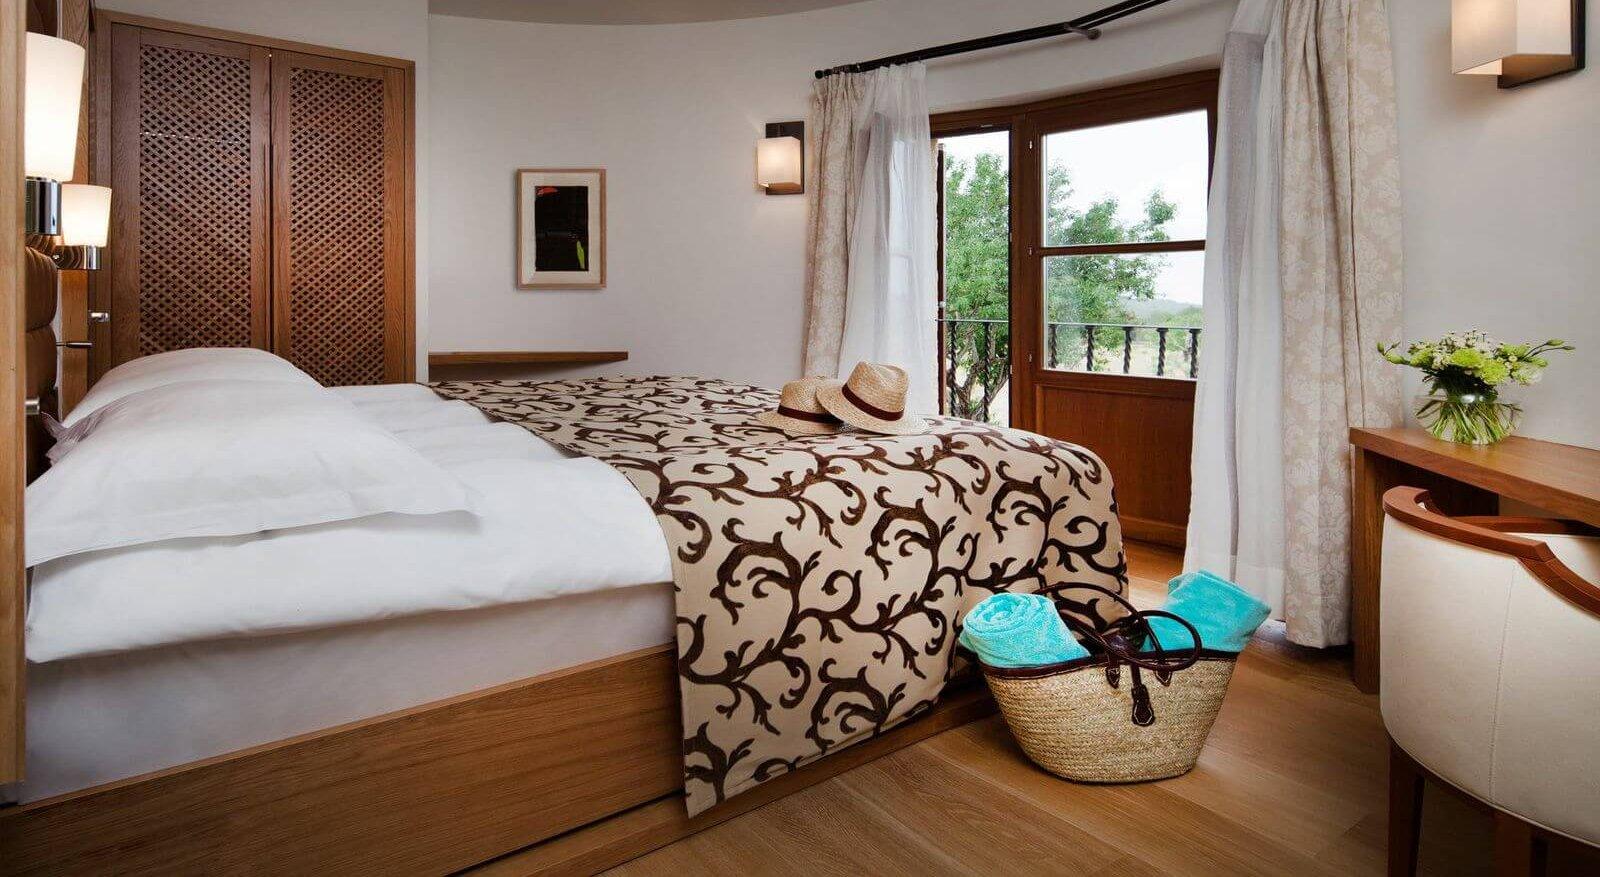 Castell-son-claret-luxury-hotel